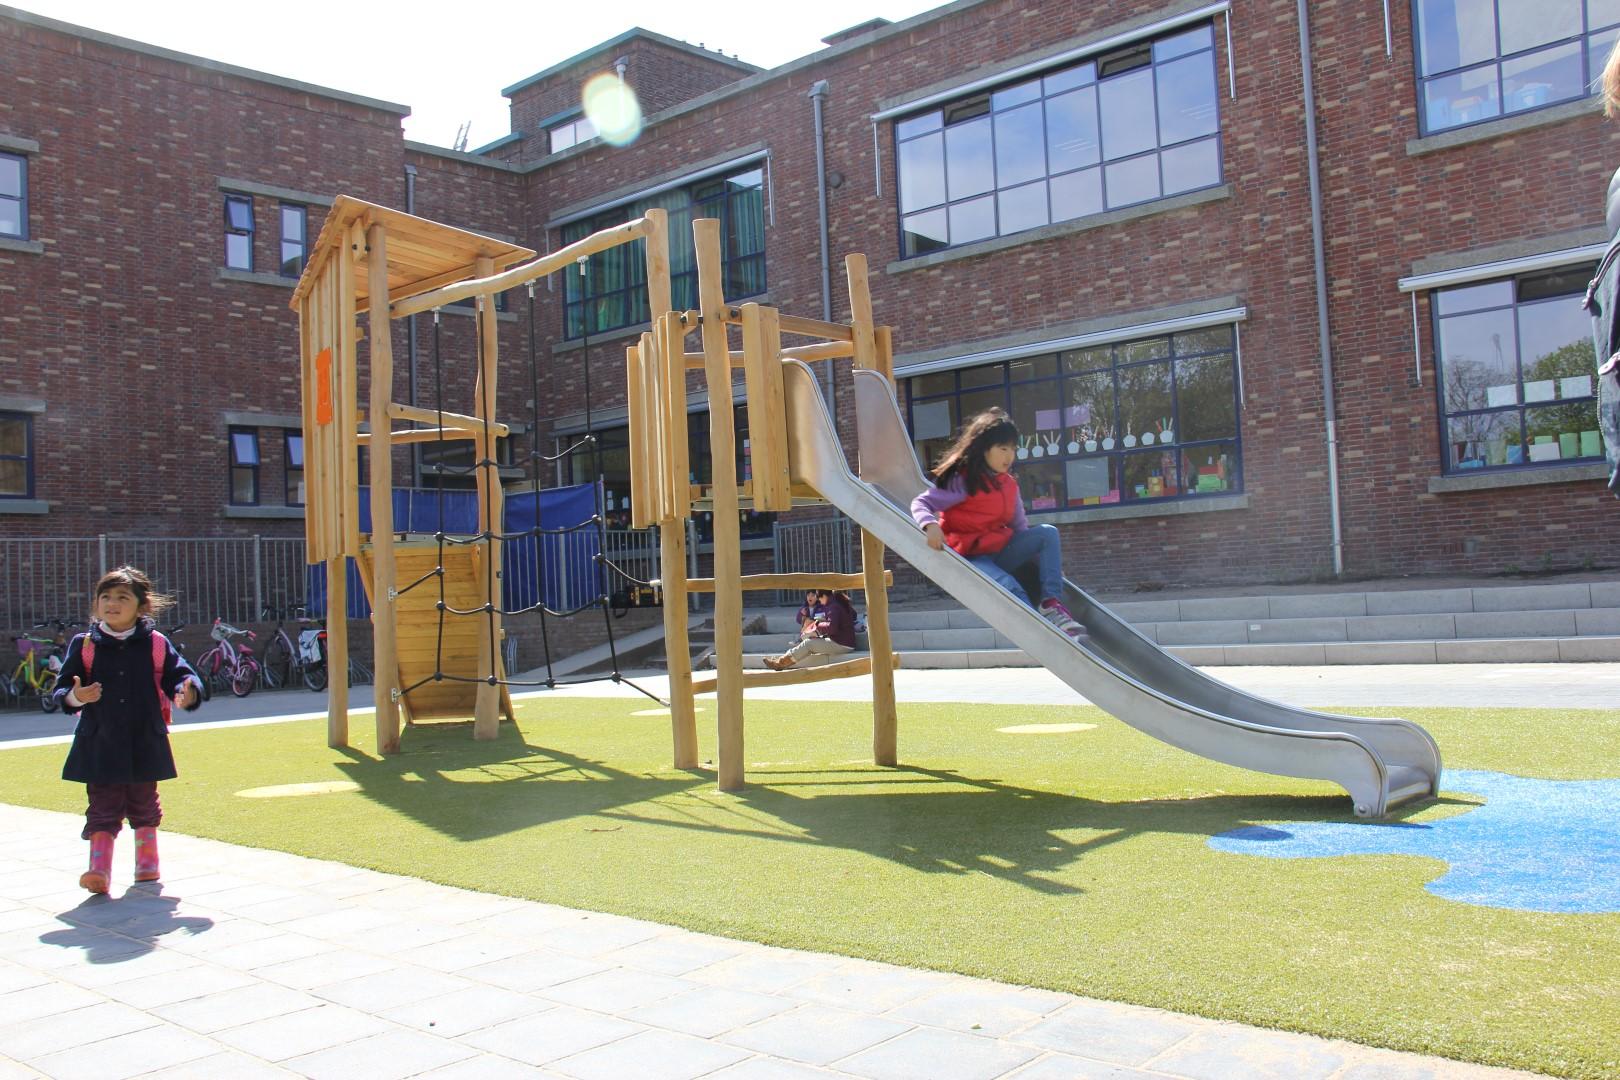 HSV Van Nijenrodestraat, Den Haag